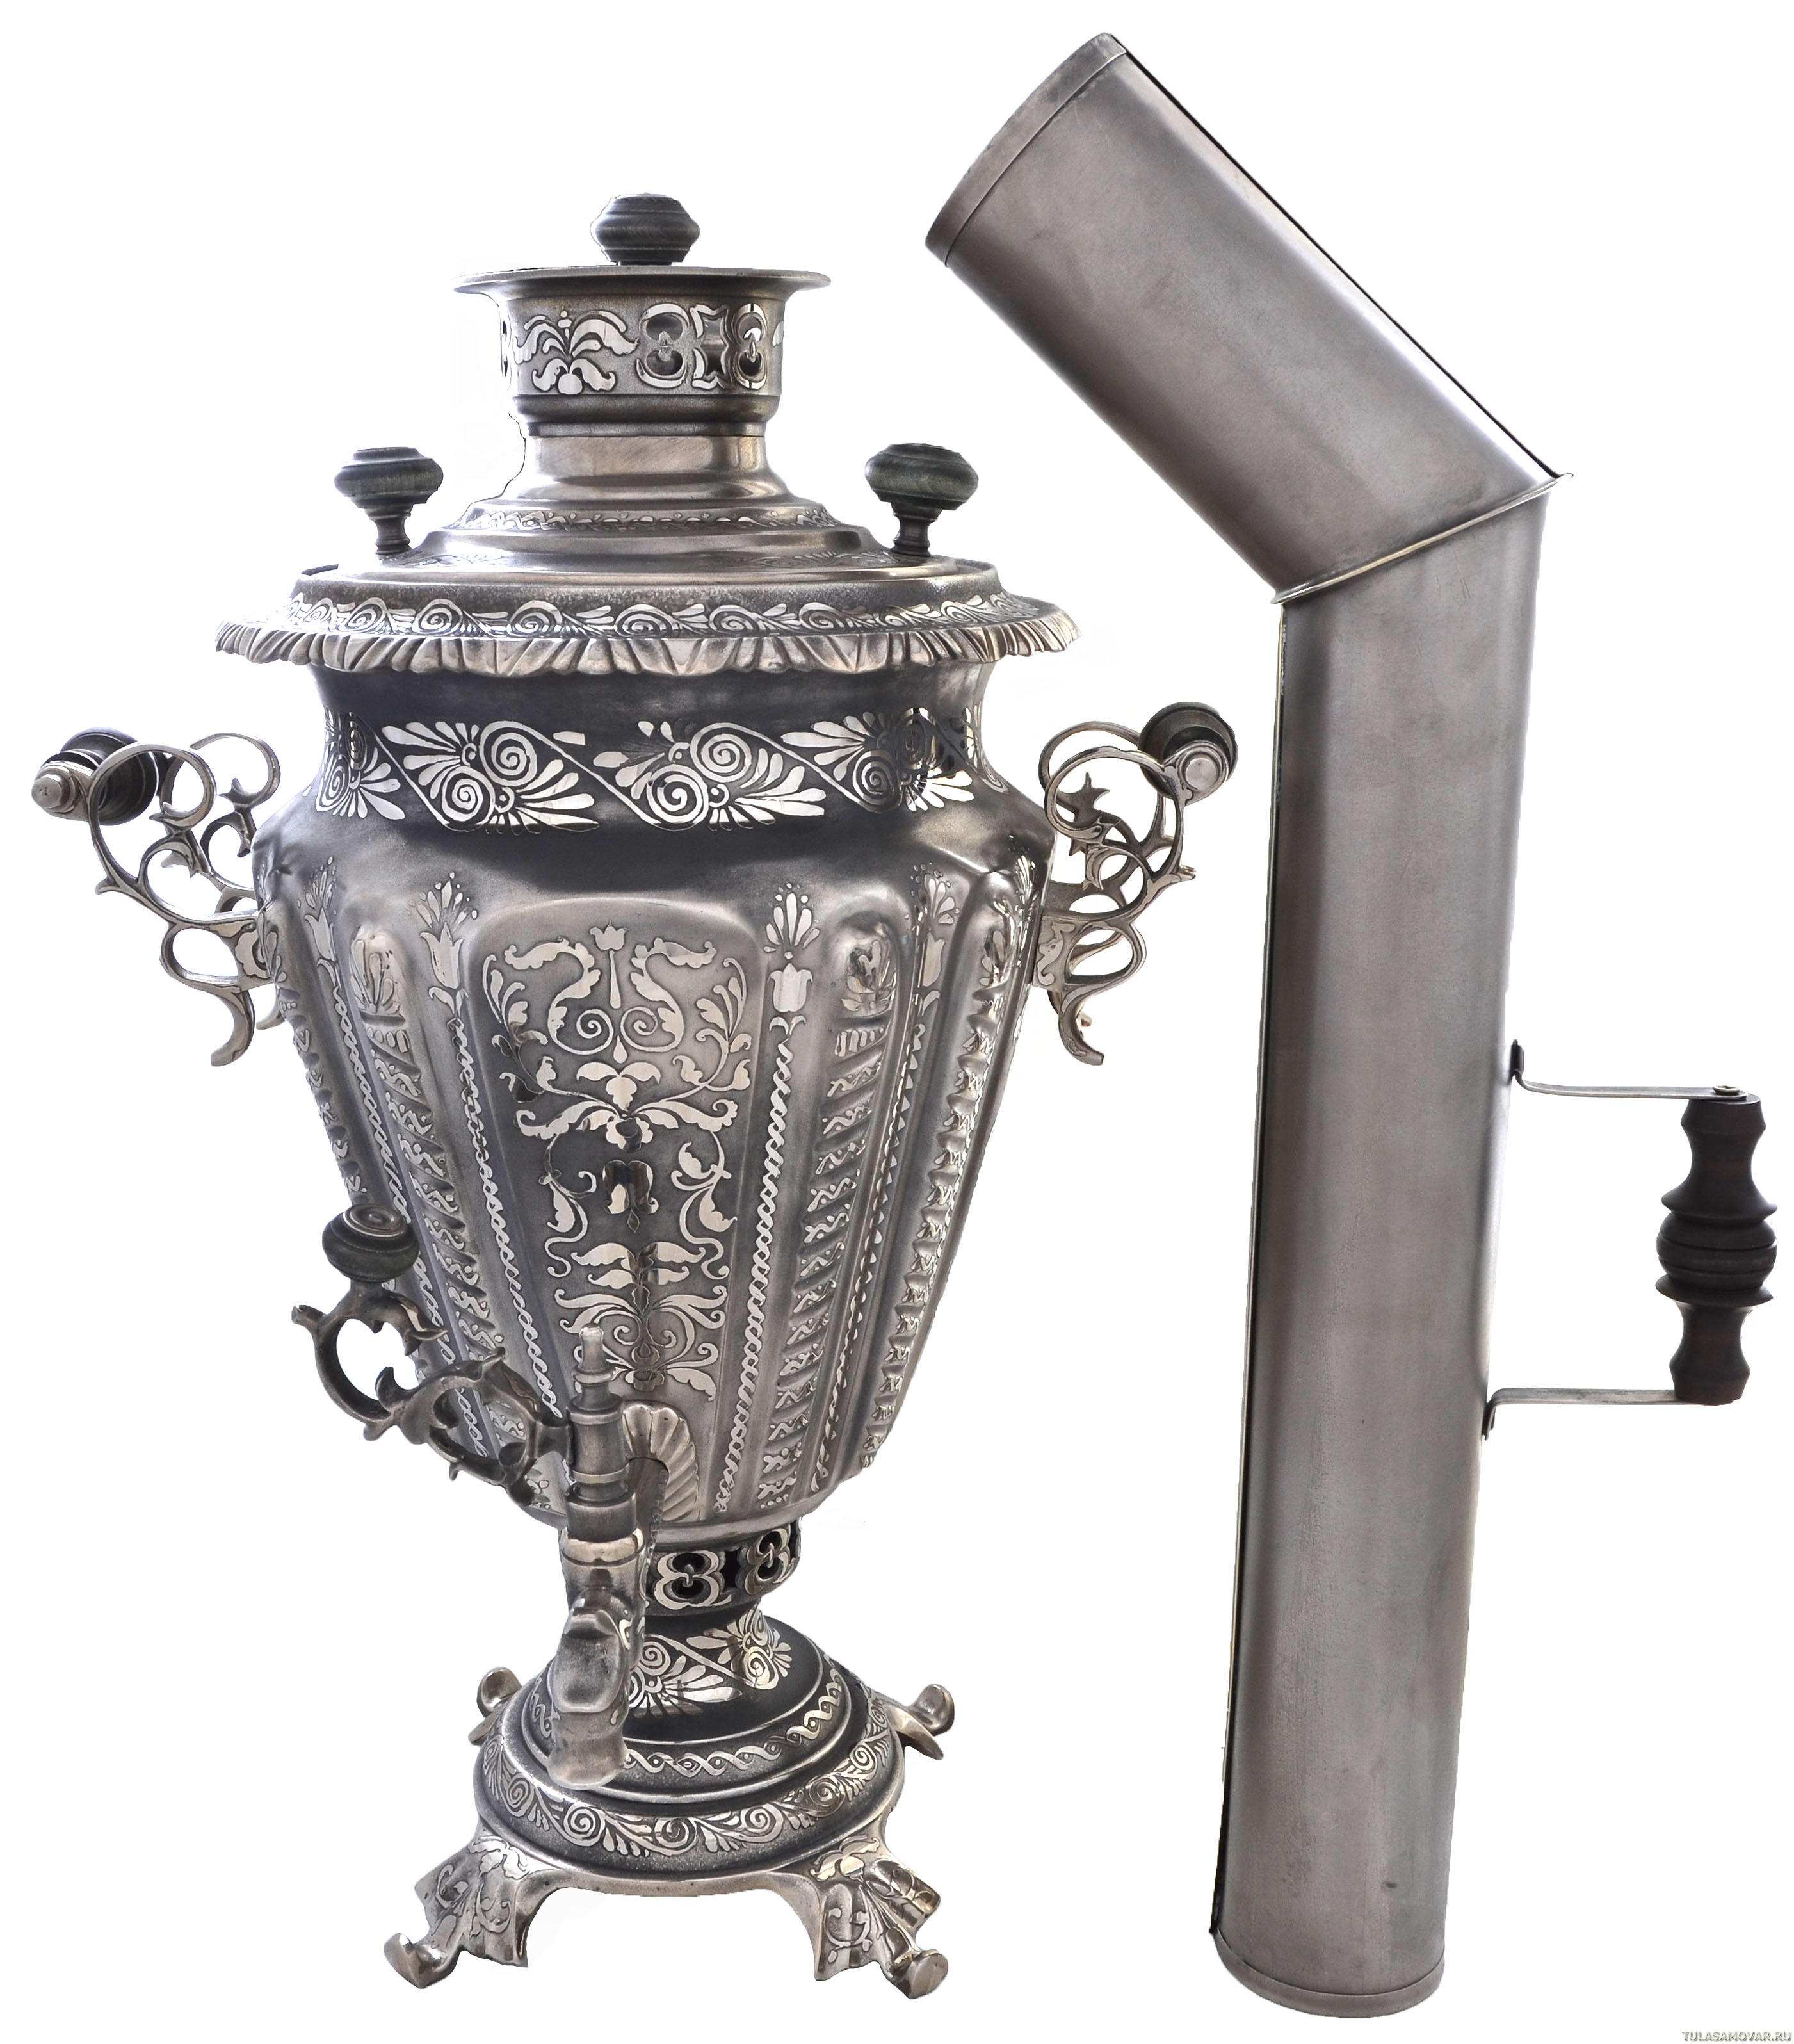 старинный самовар картинка с трубой